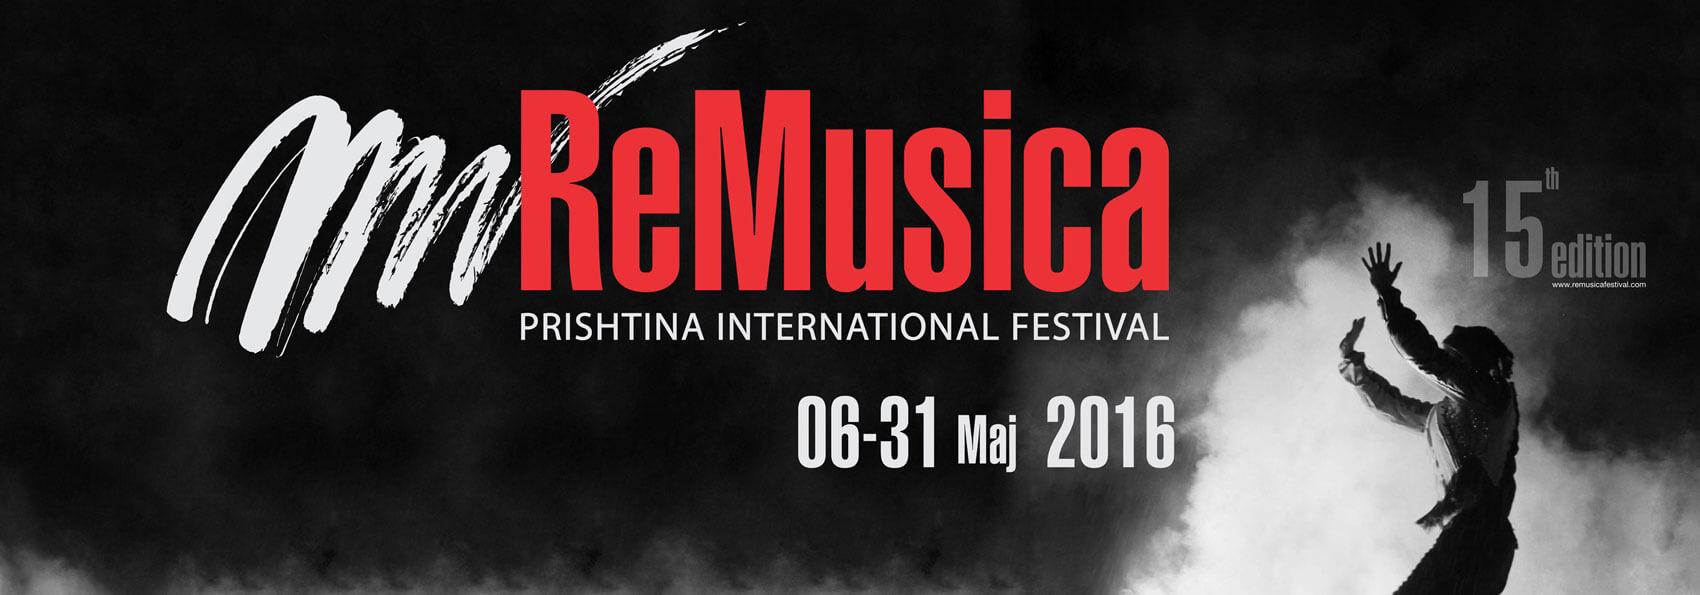 ReMusica 2016